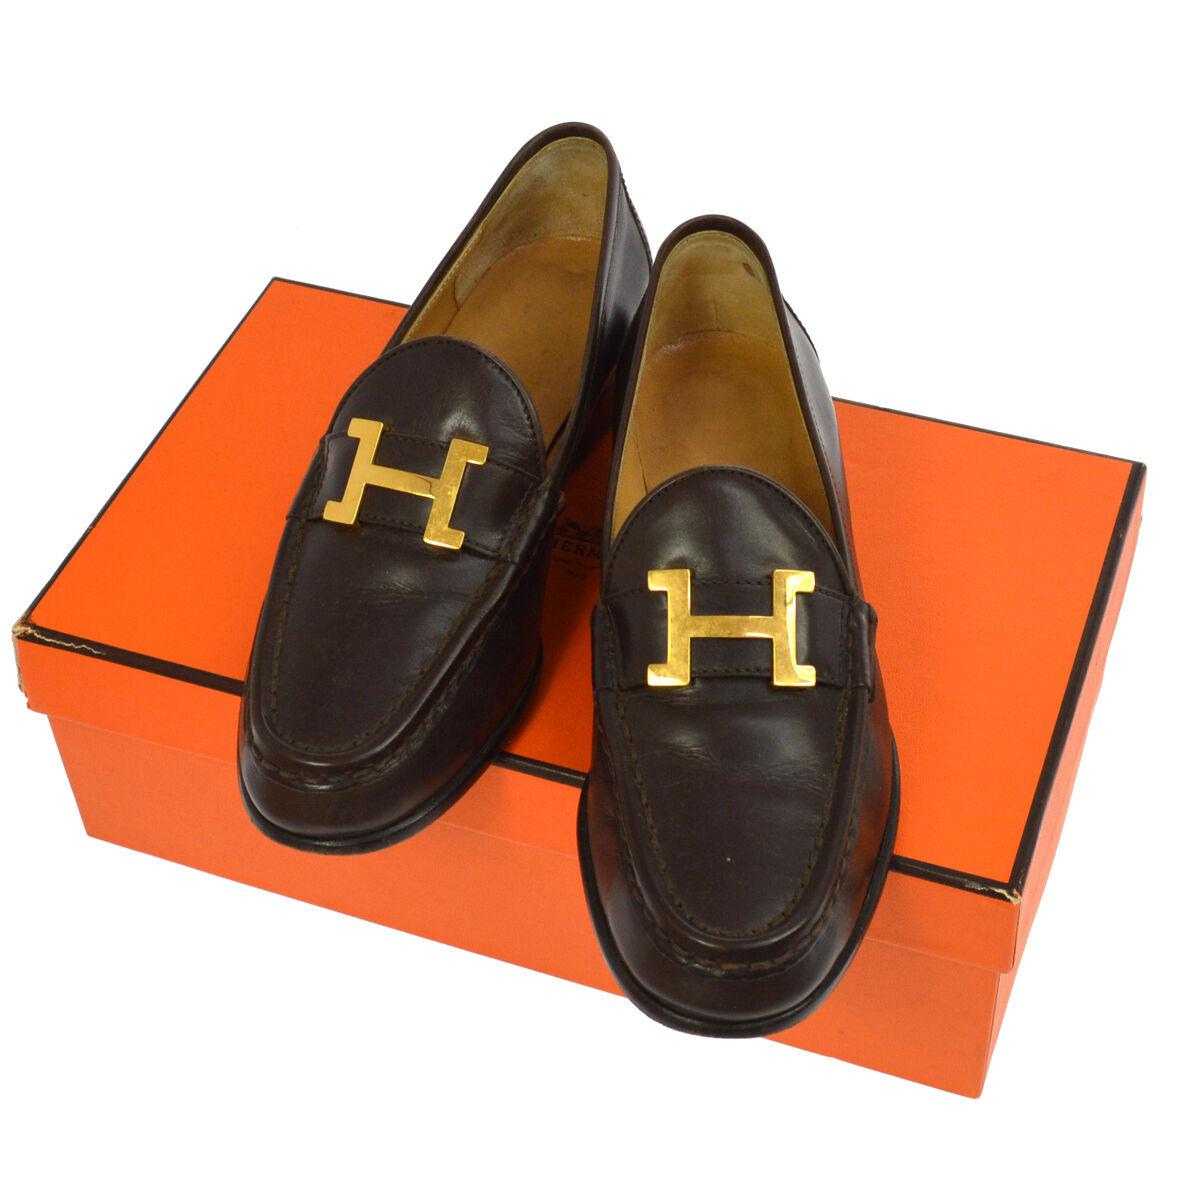 auth hermès les logos des italie chaussures en cuir italie des vintage  jt03255 mocassins d  0e4b71a20aed